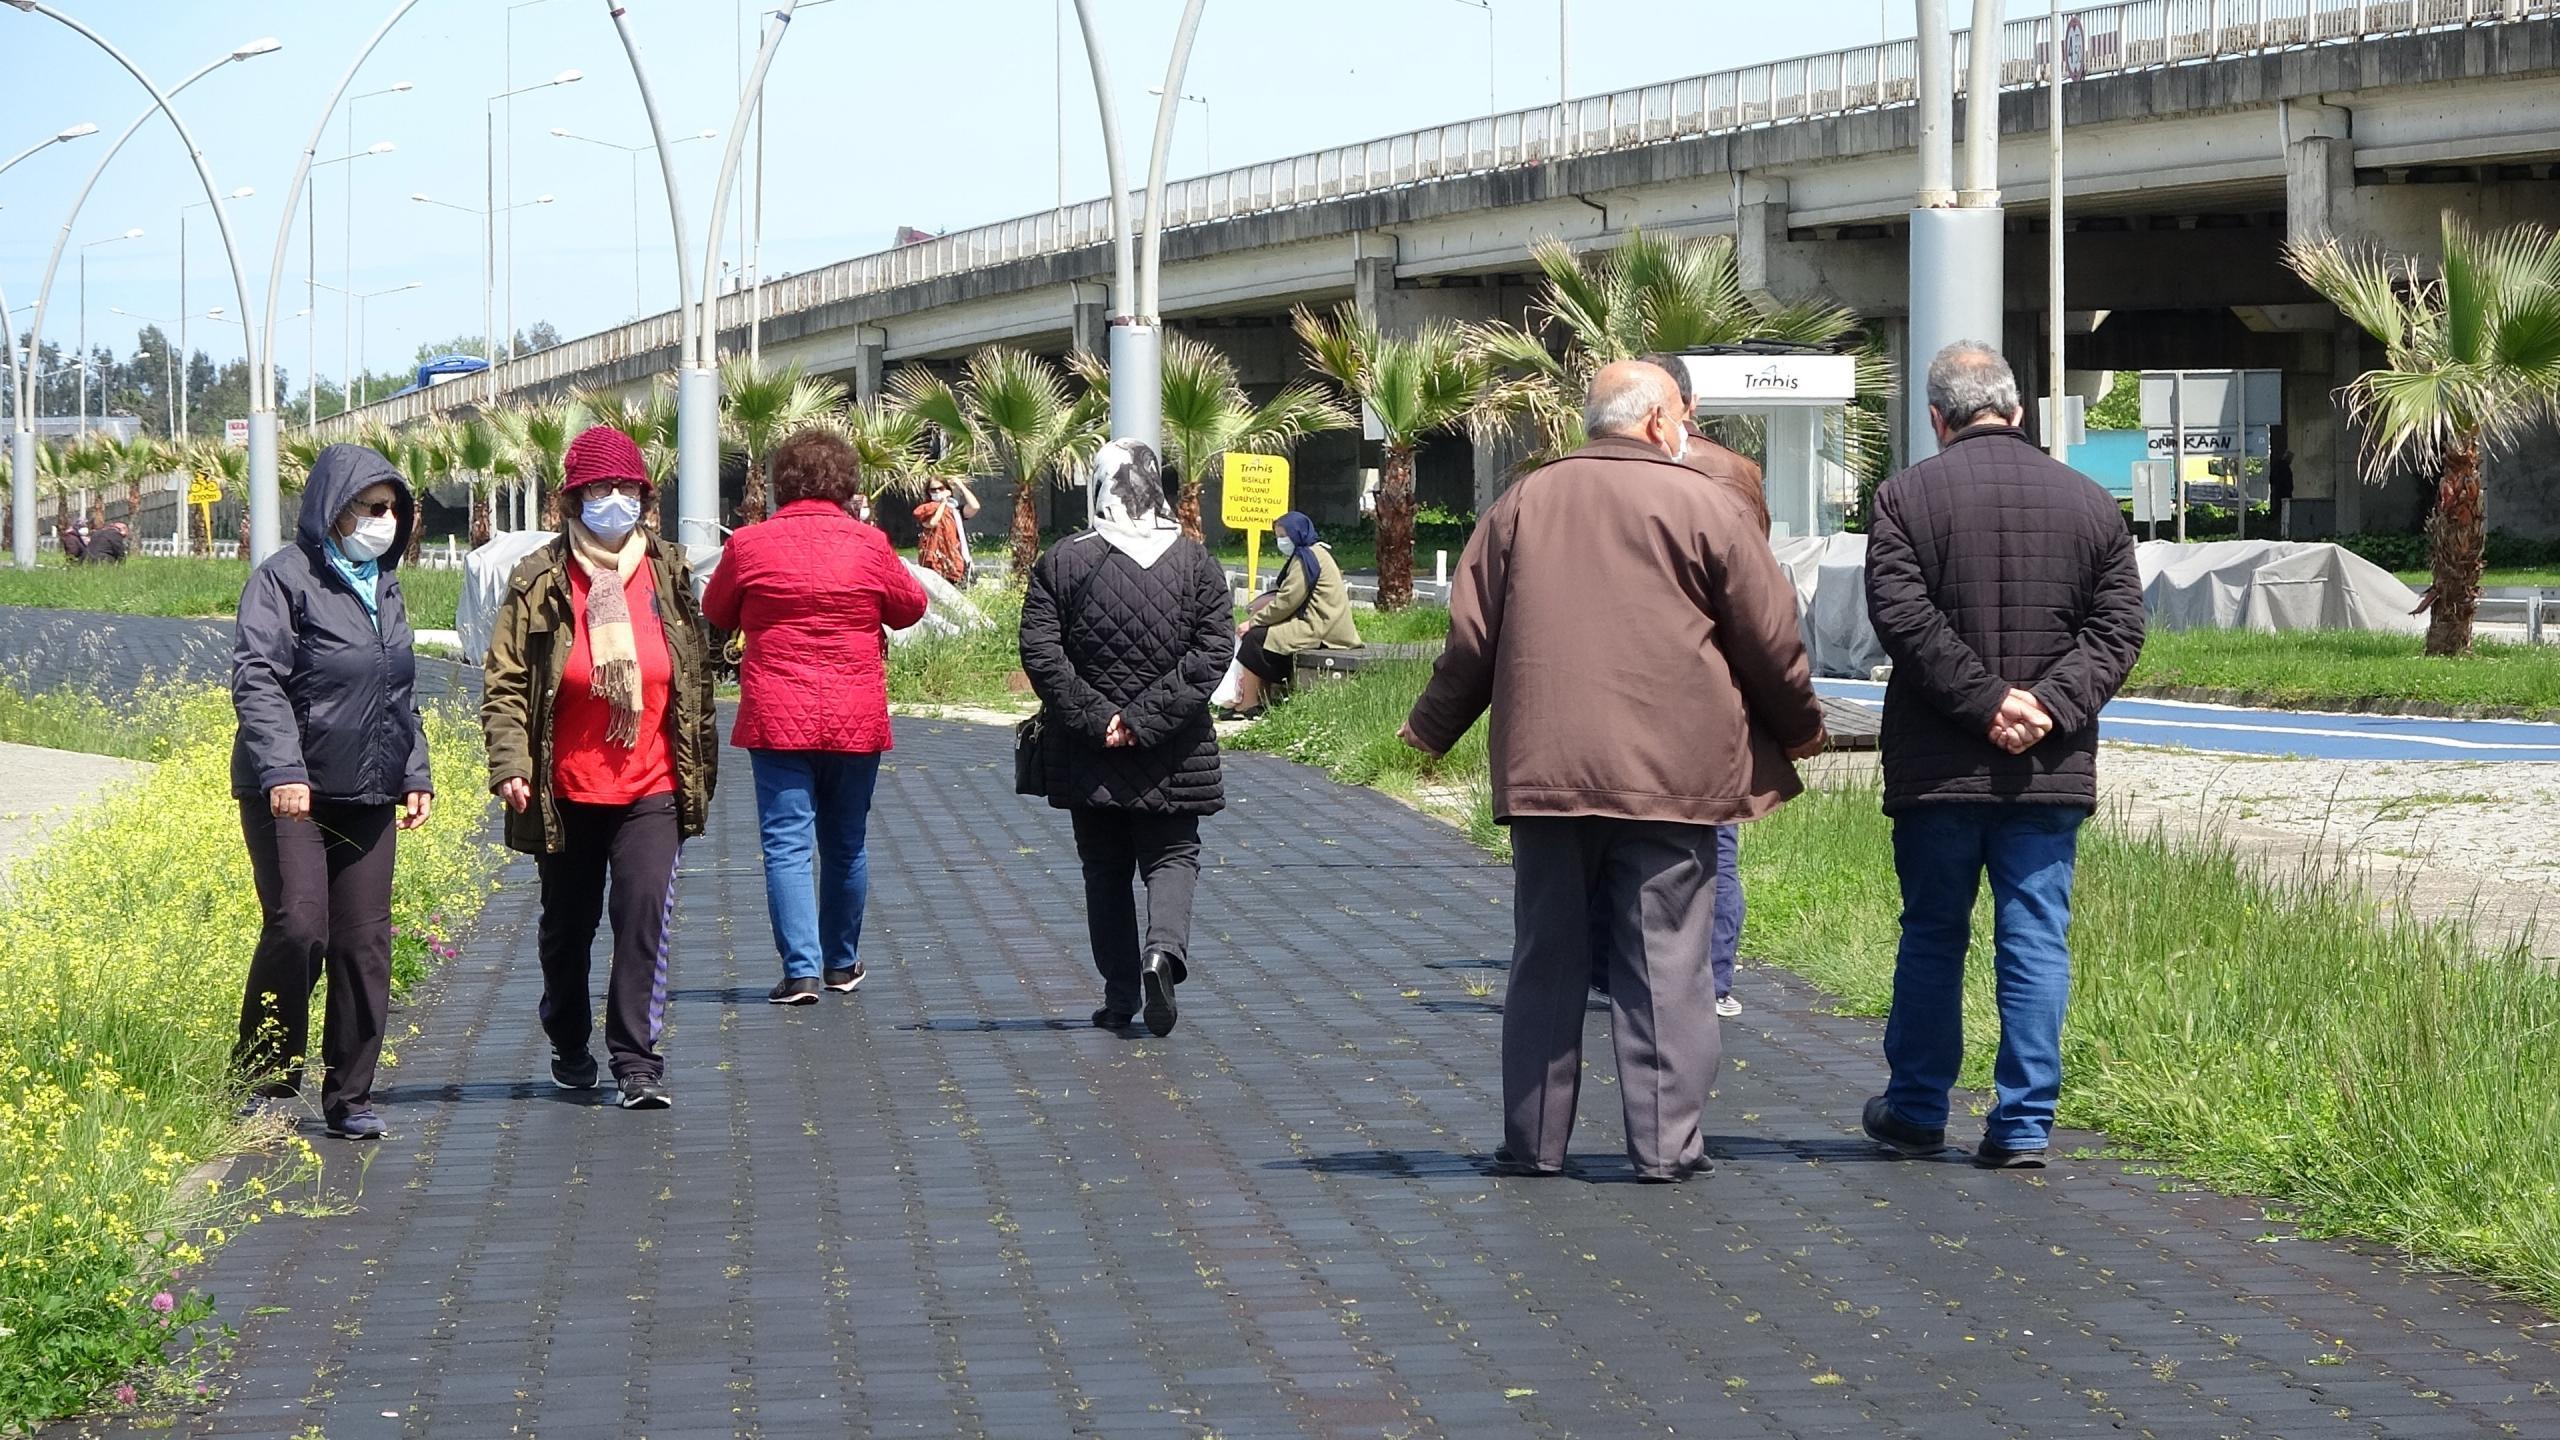 Trabzon'da 65 yaş ve üstü yaşlılar yürüyüşün yasak olduğu sahile akın etti